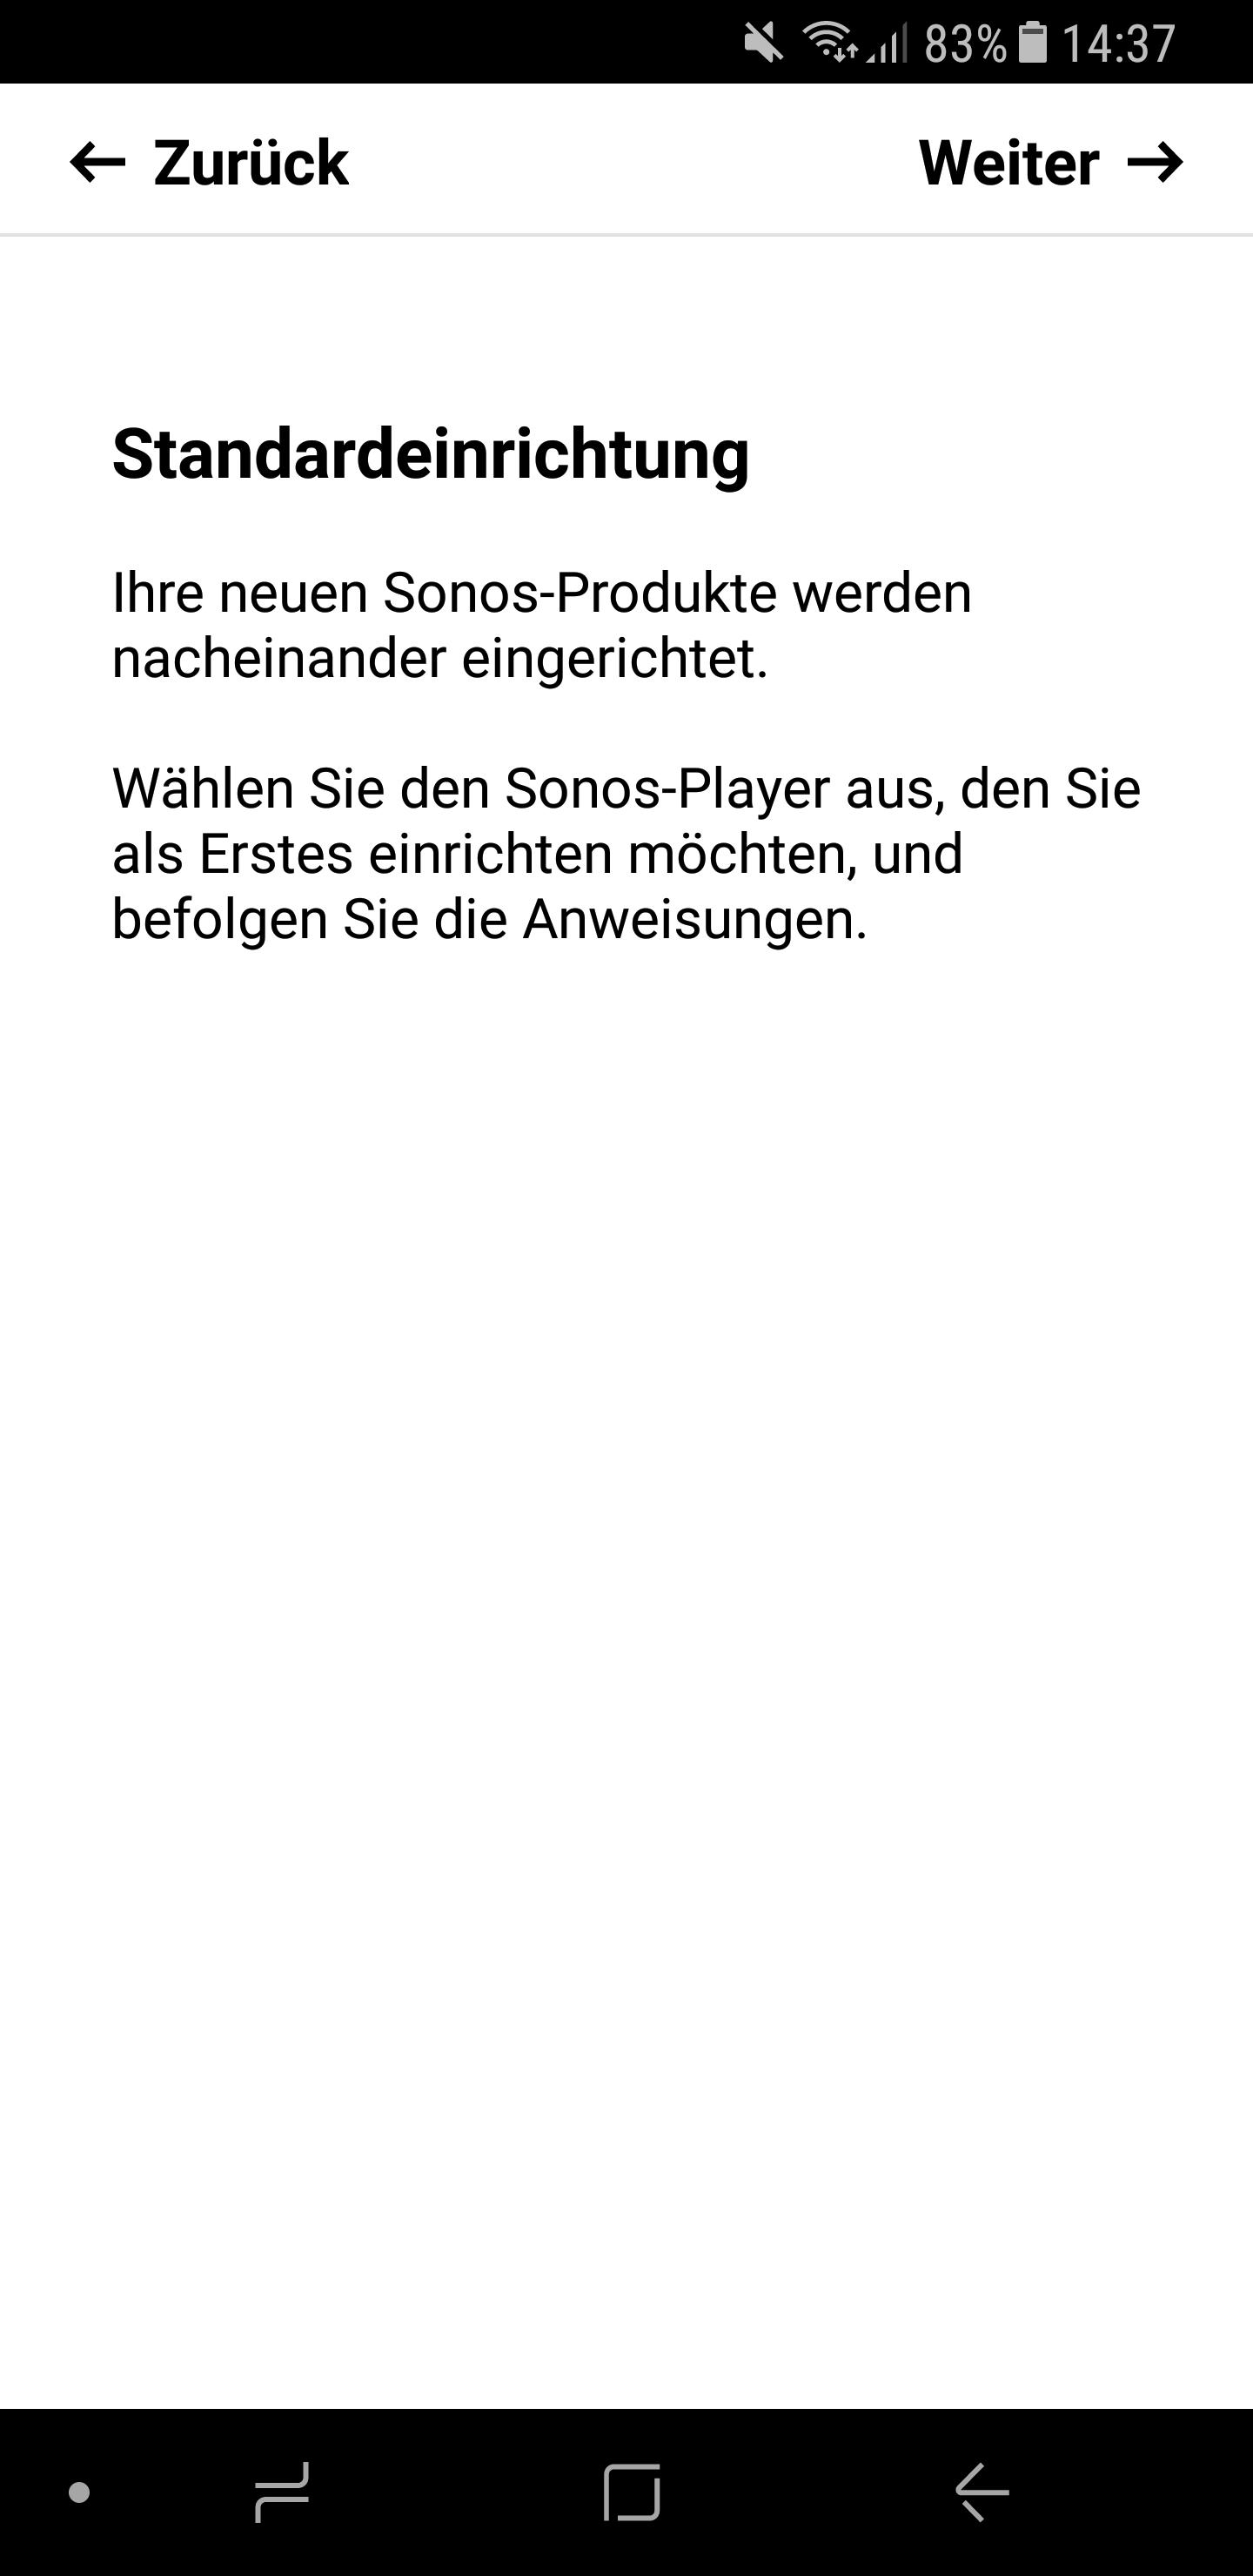 Sonos Lautsprecher einrichten 3